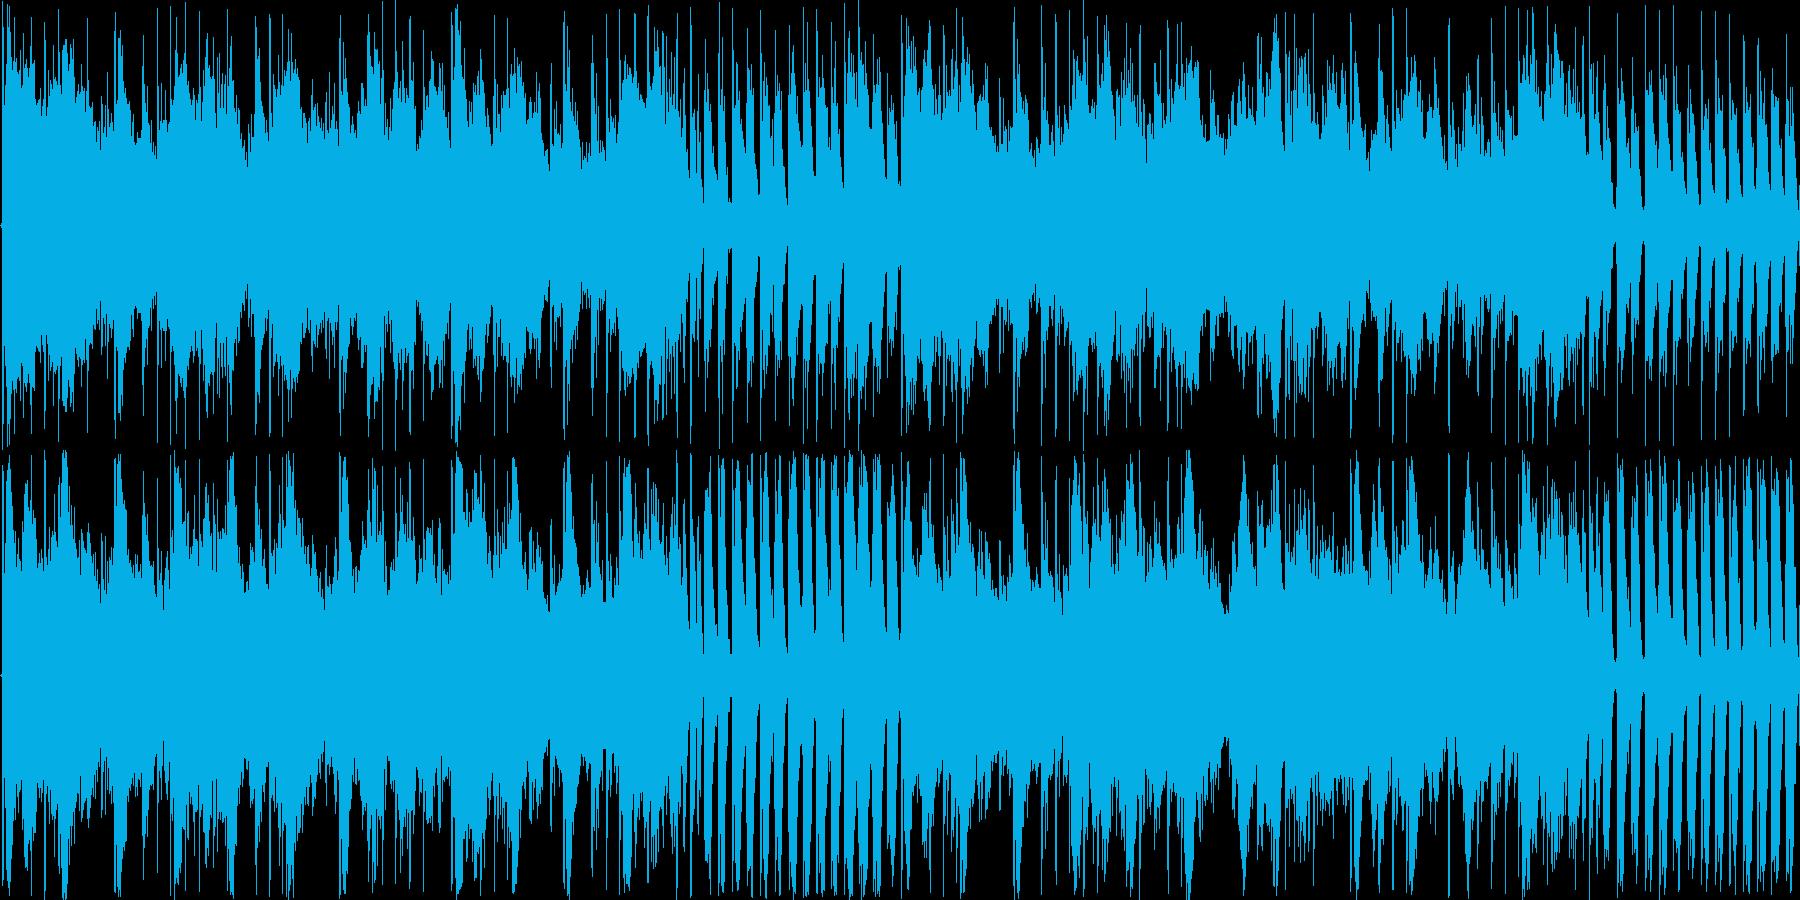 【ファンタジー/ストリングス】の再生済みの波形